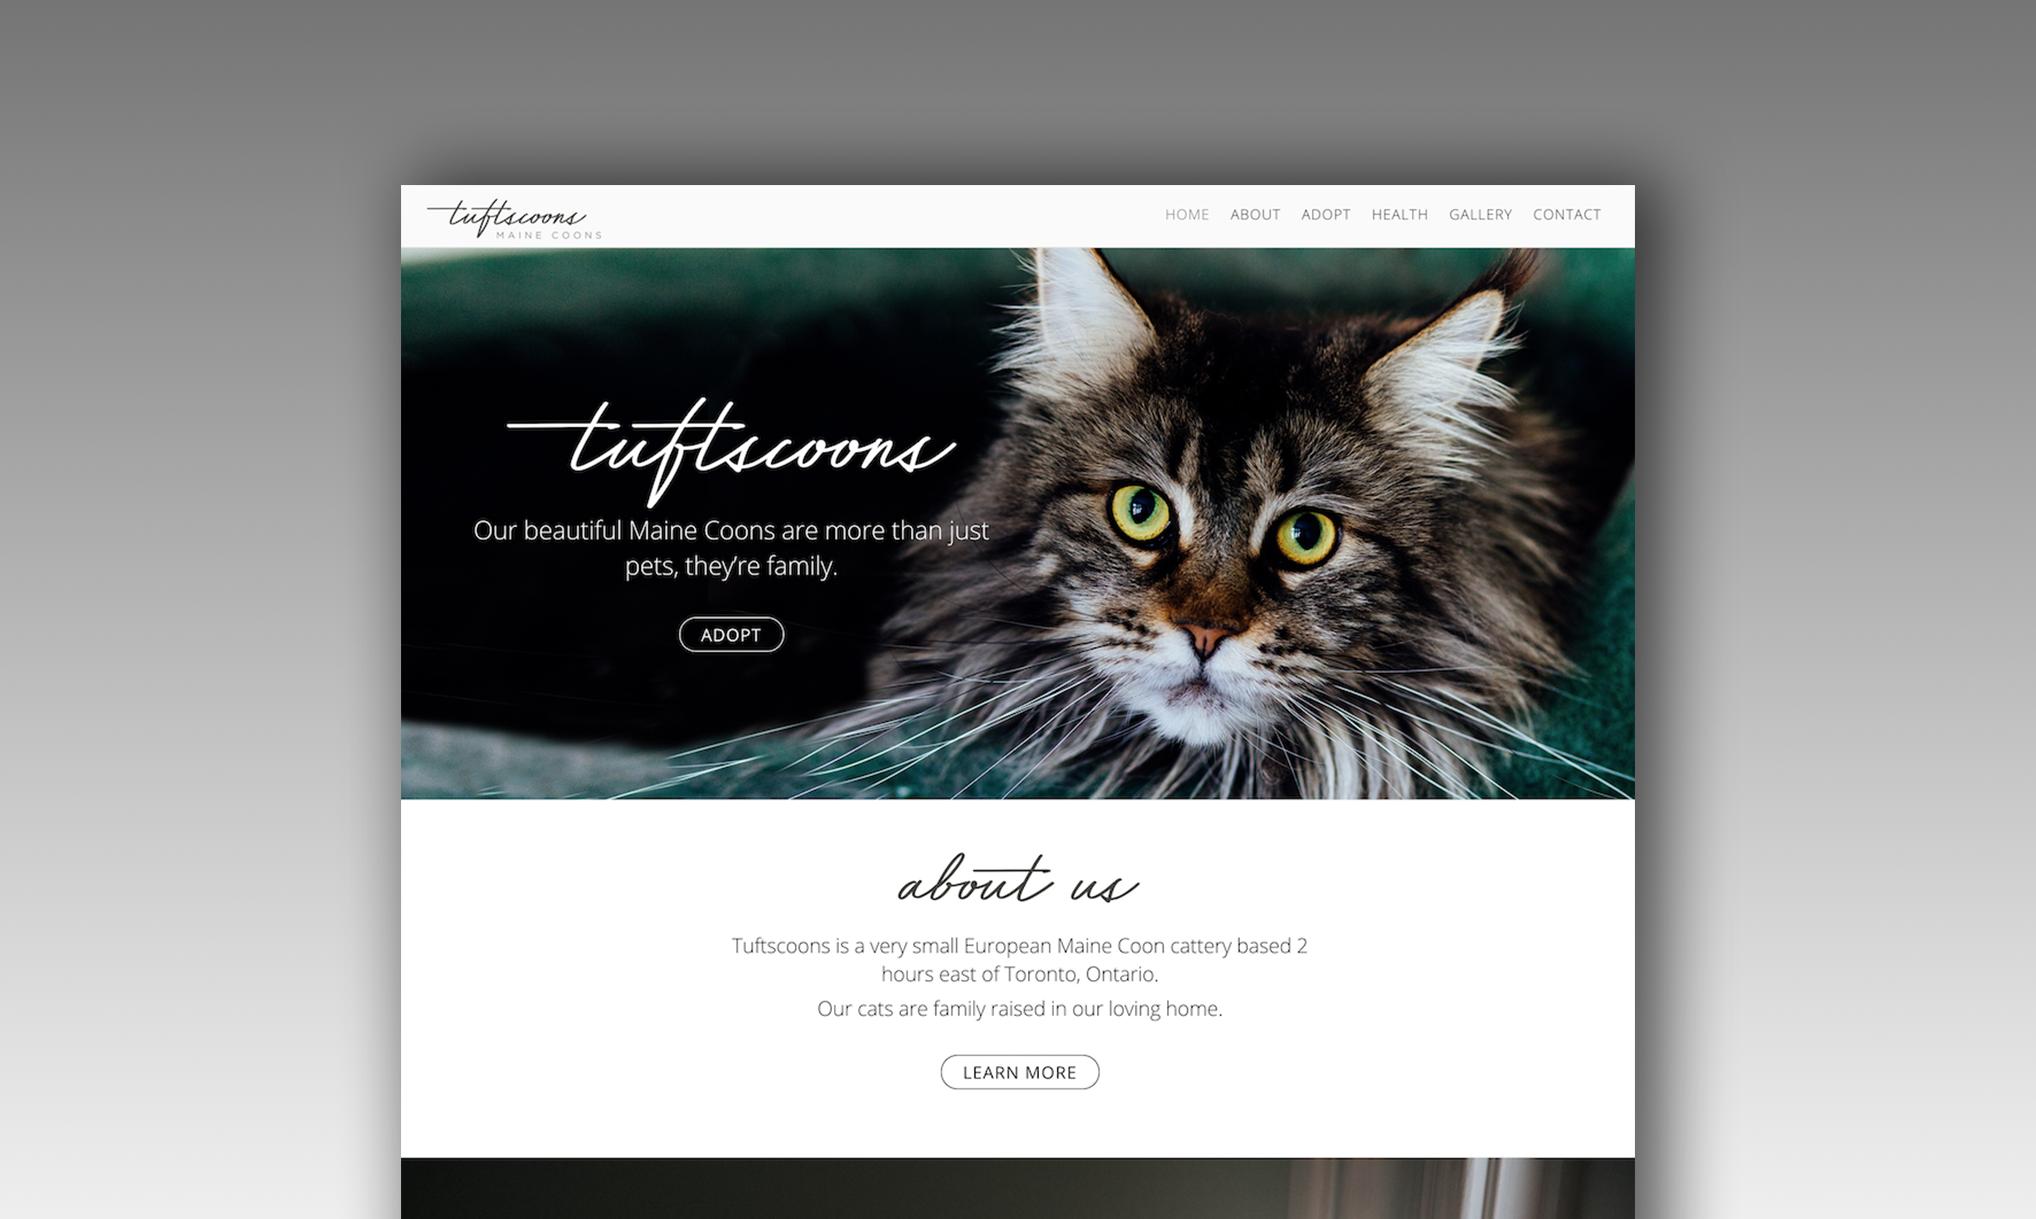 Tuftscoons portfolio